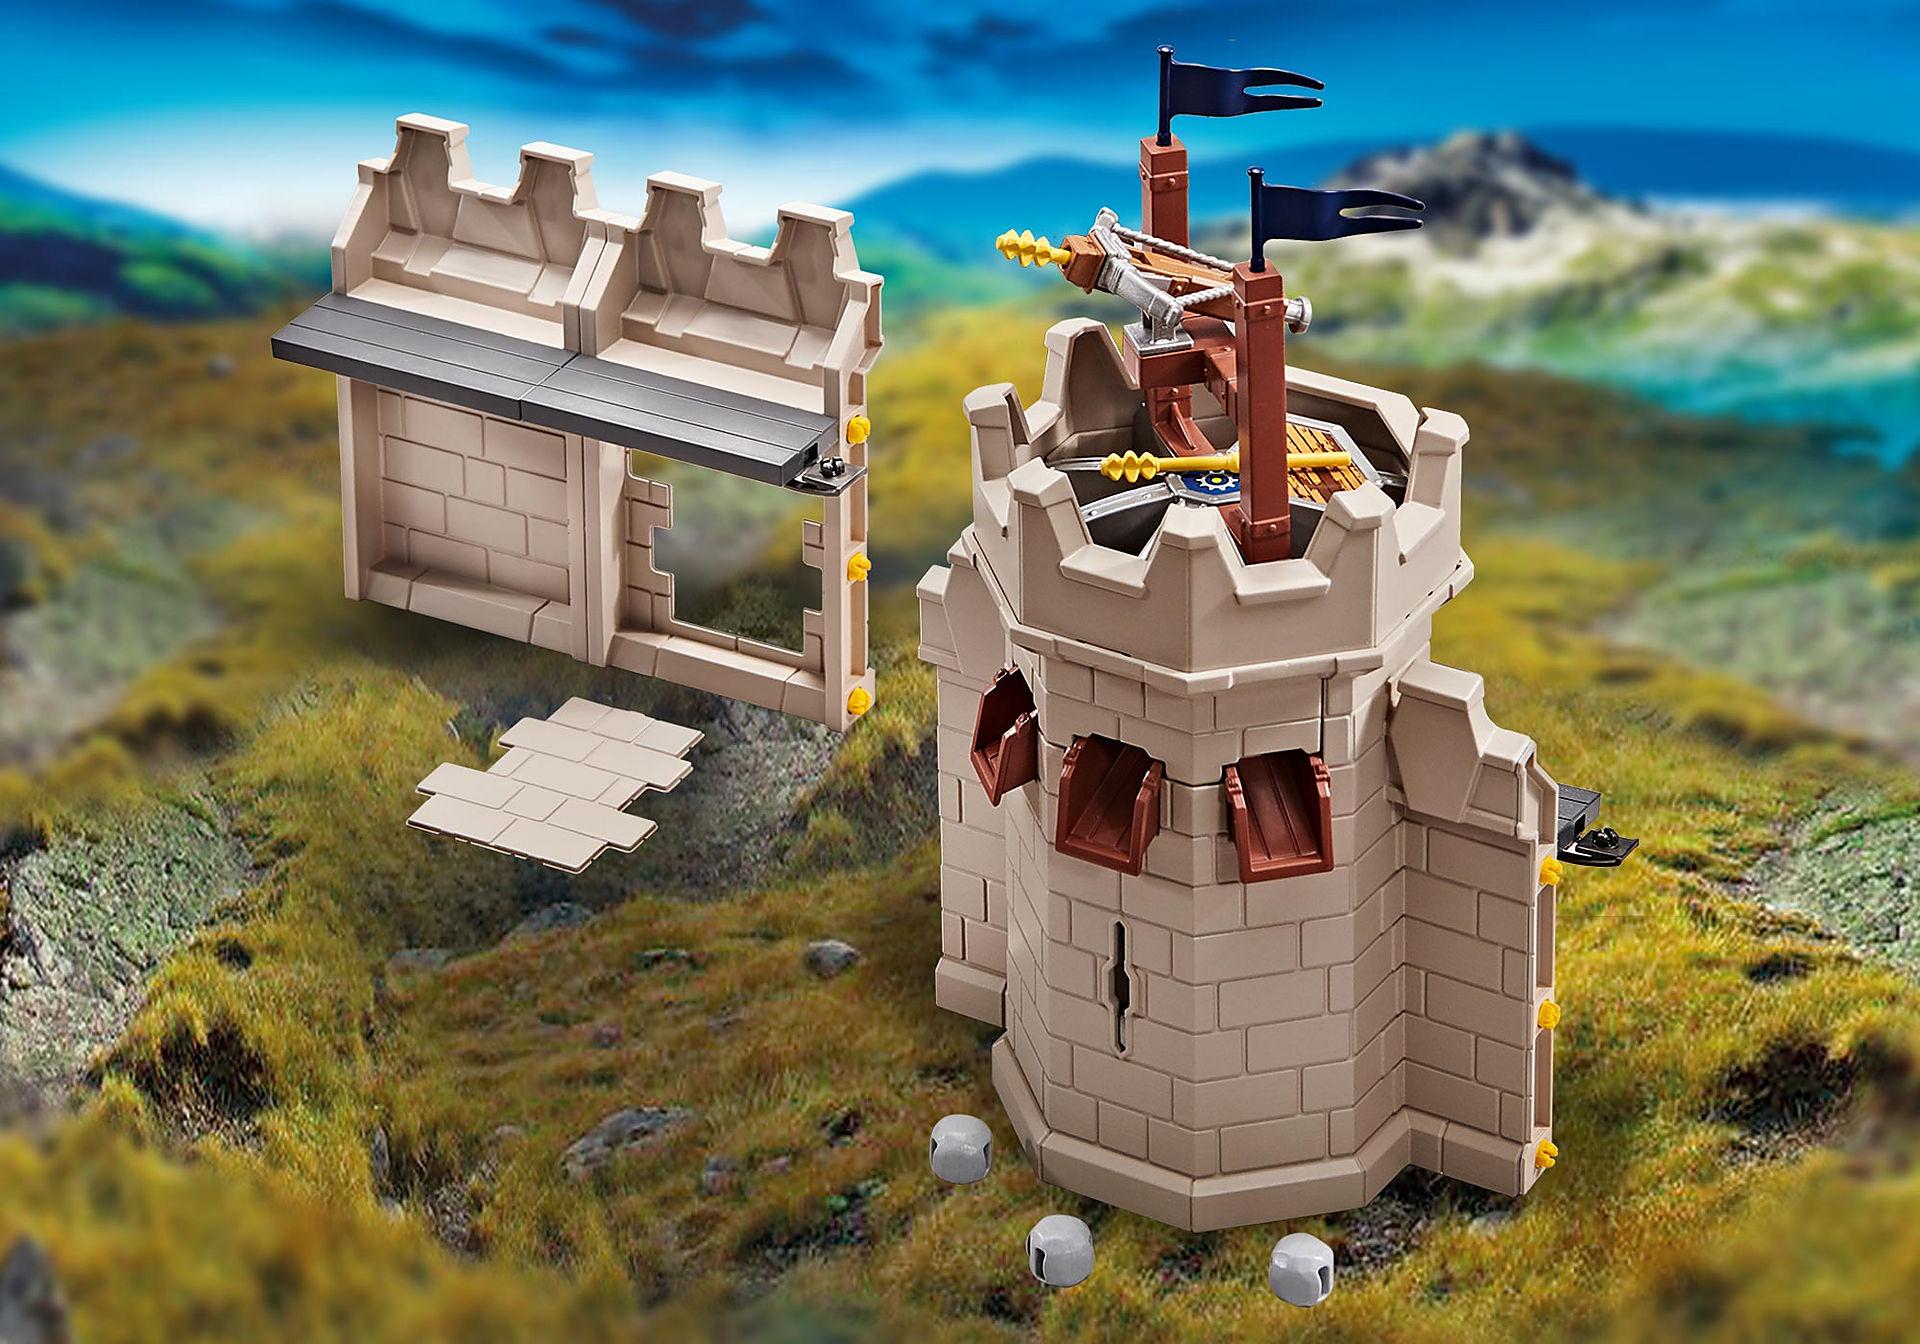 9840 Turmerweiterung mit Steinabwurf für die Große Burg von Novelmore zoom image1